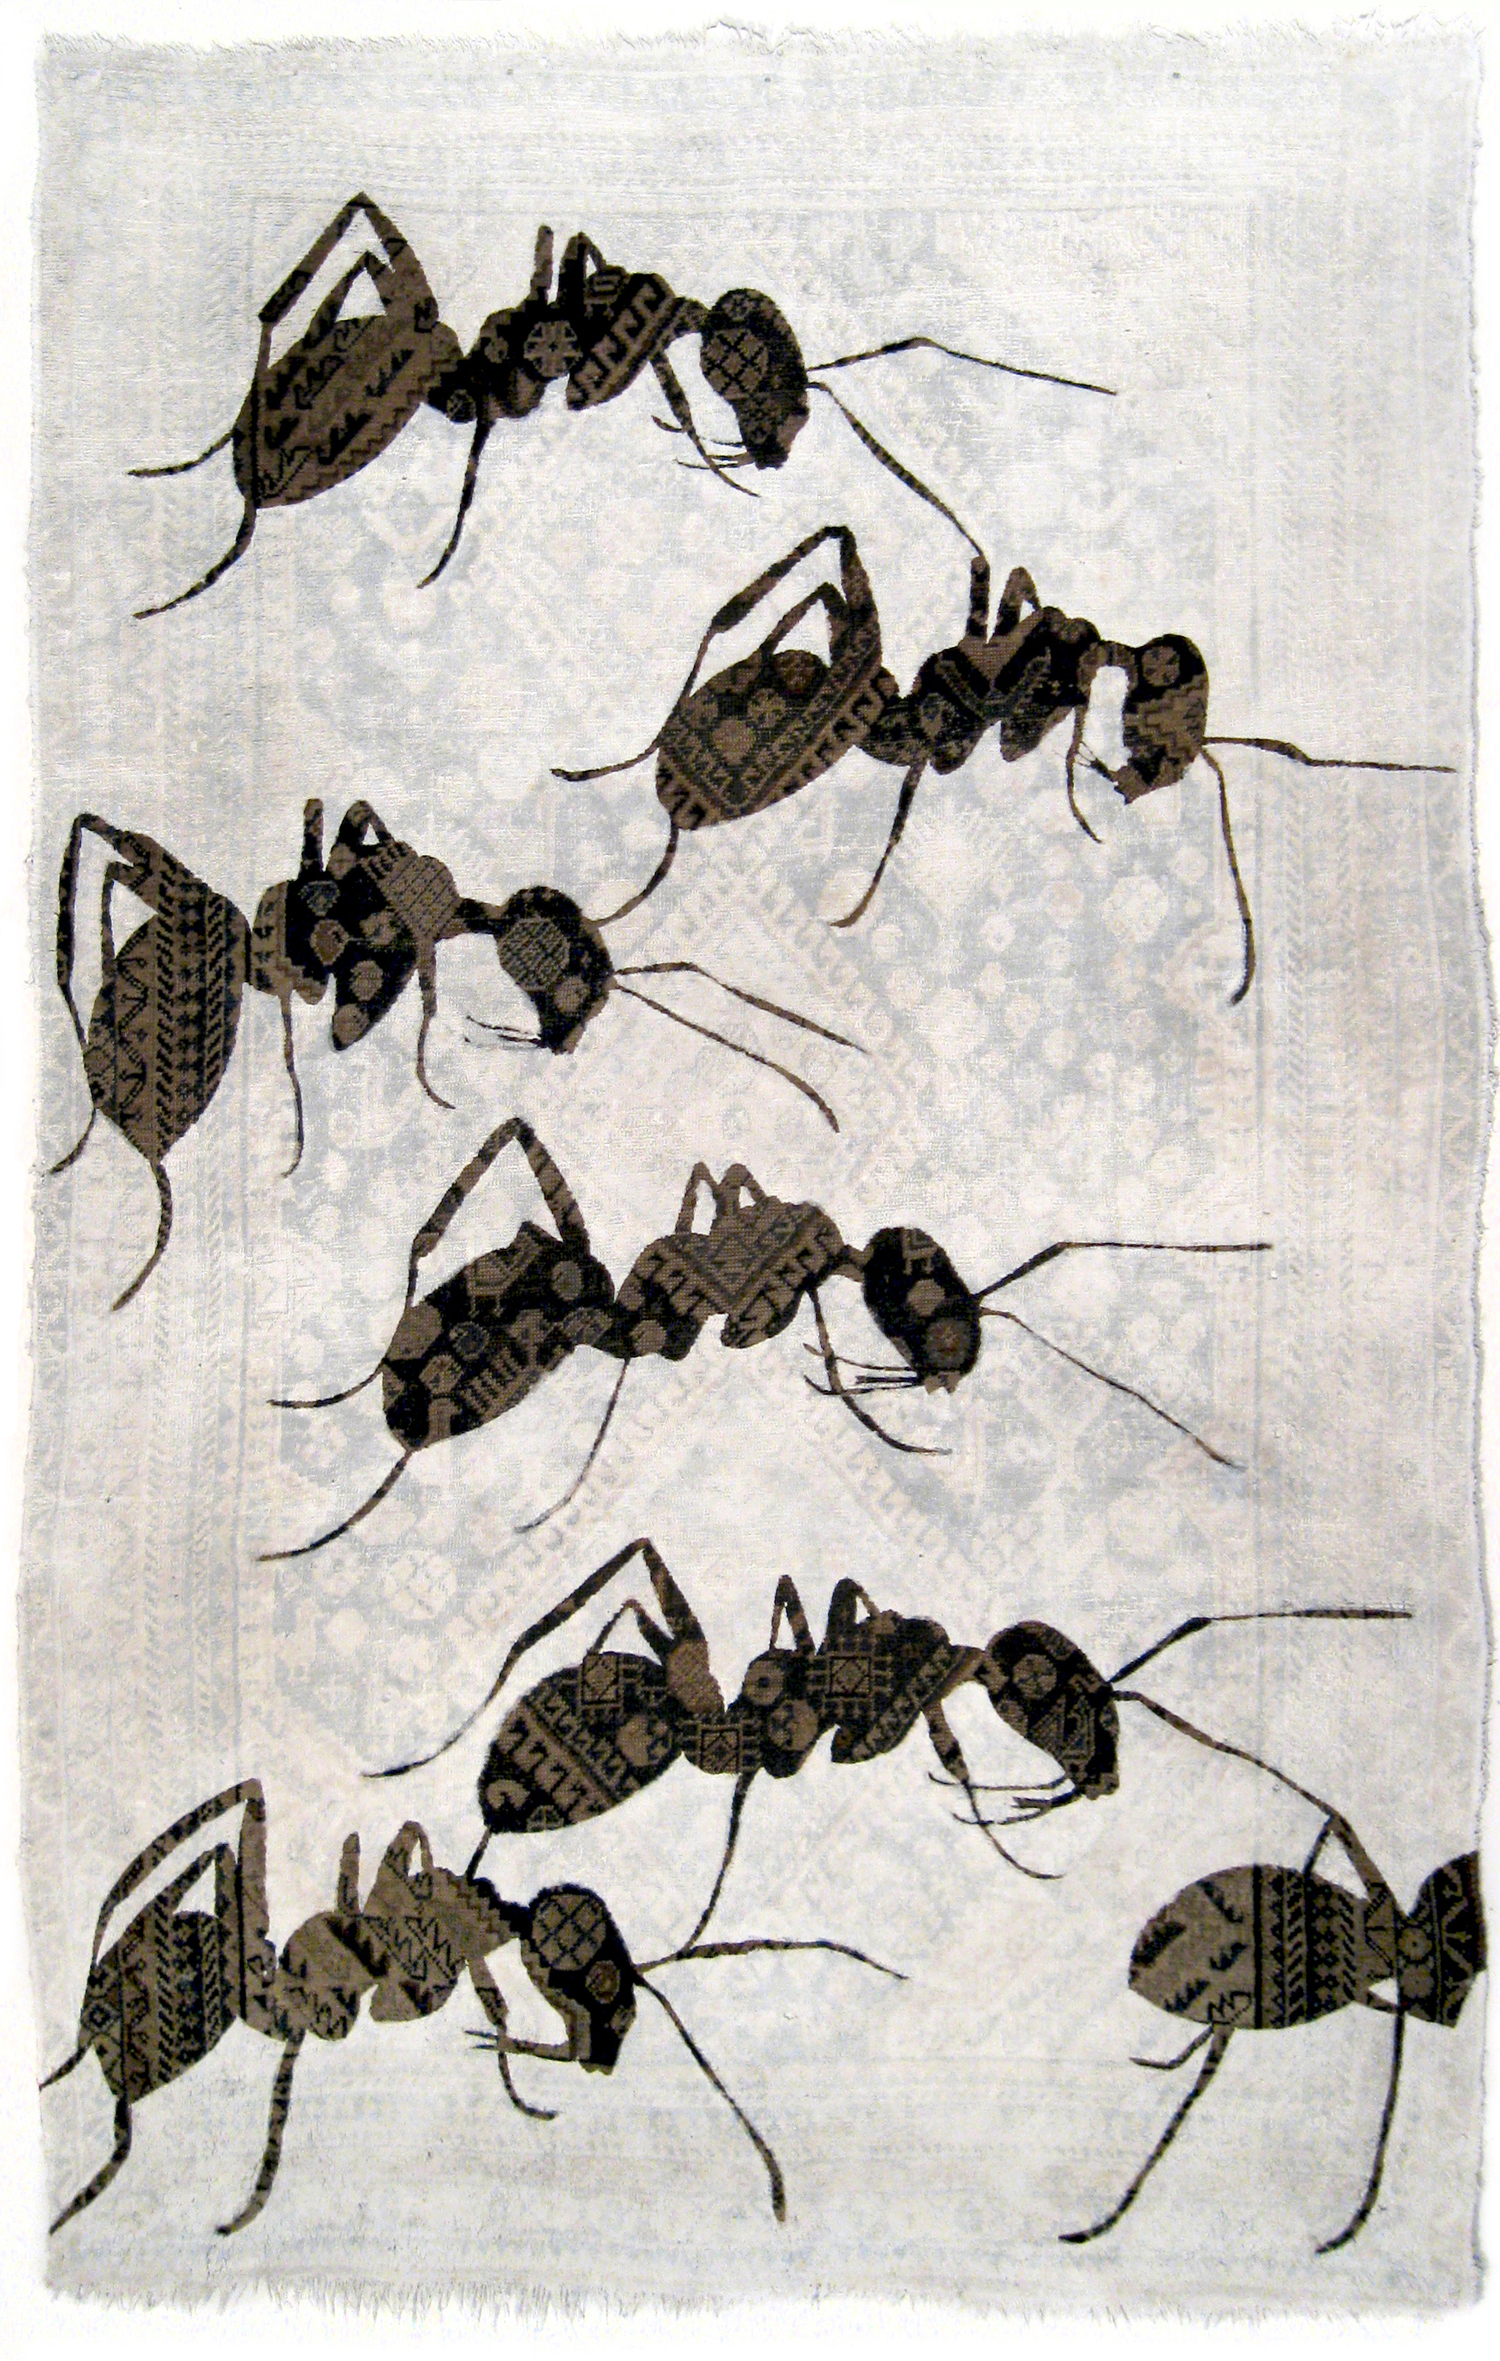 NOÉMI KISS - ANTS